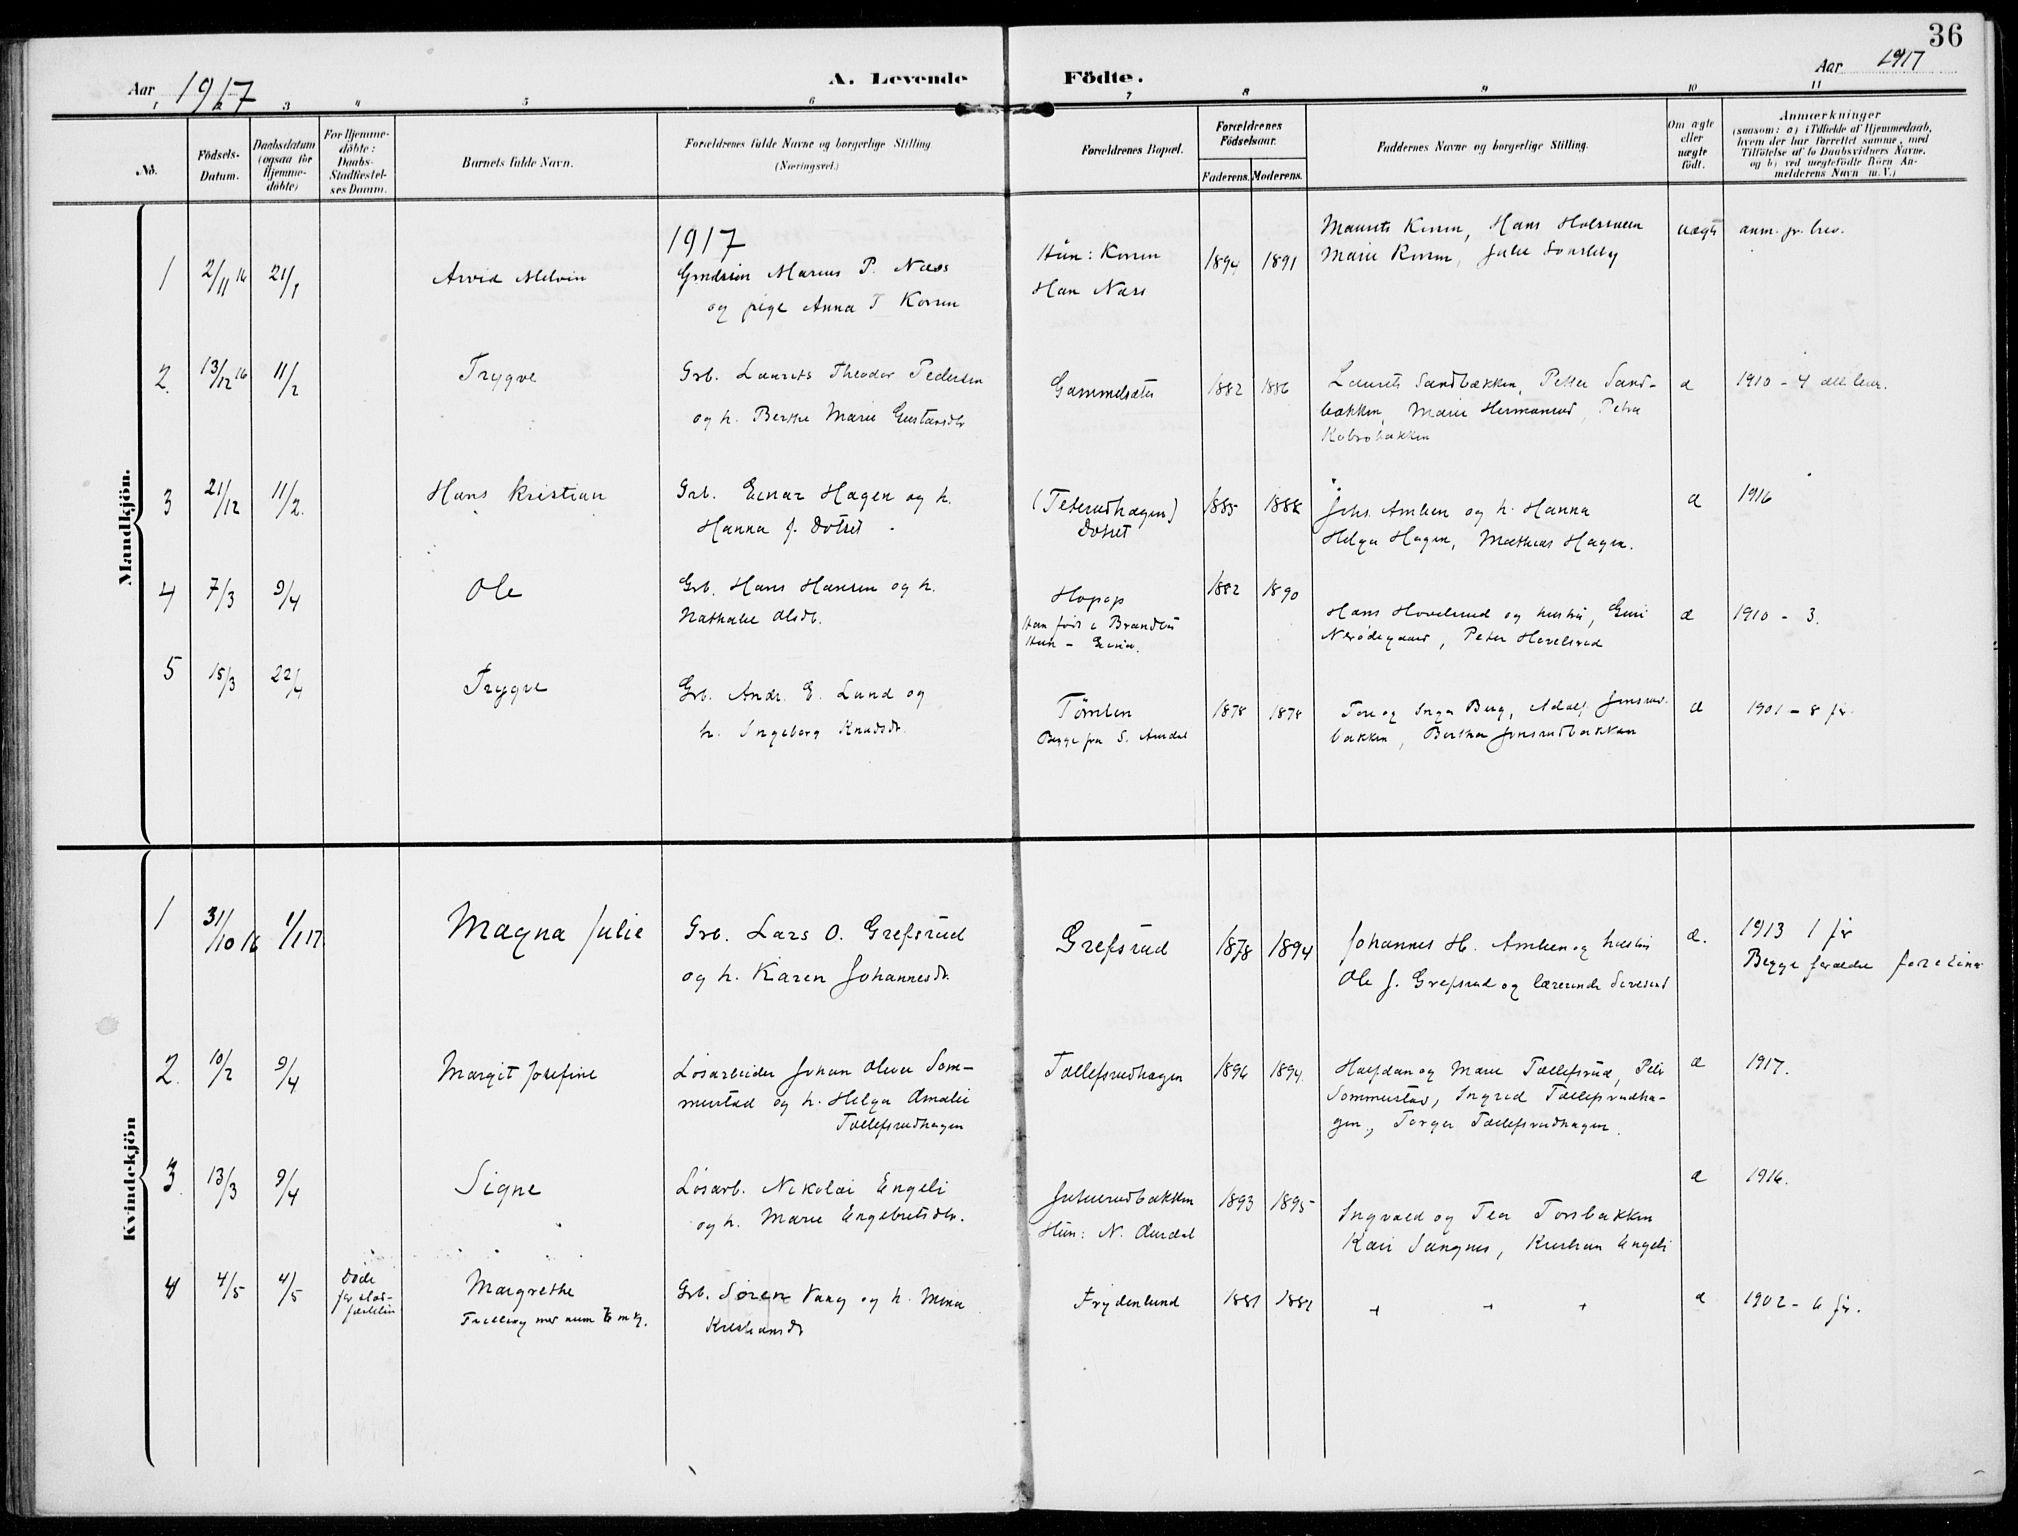 SAH, Kolbu prestekontor, Ministerialbok nr. 1, 1907-1923, s. 36